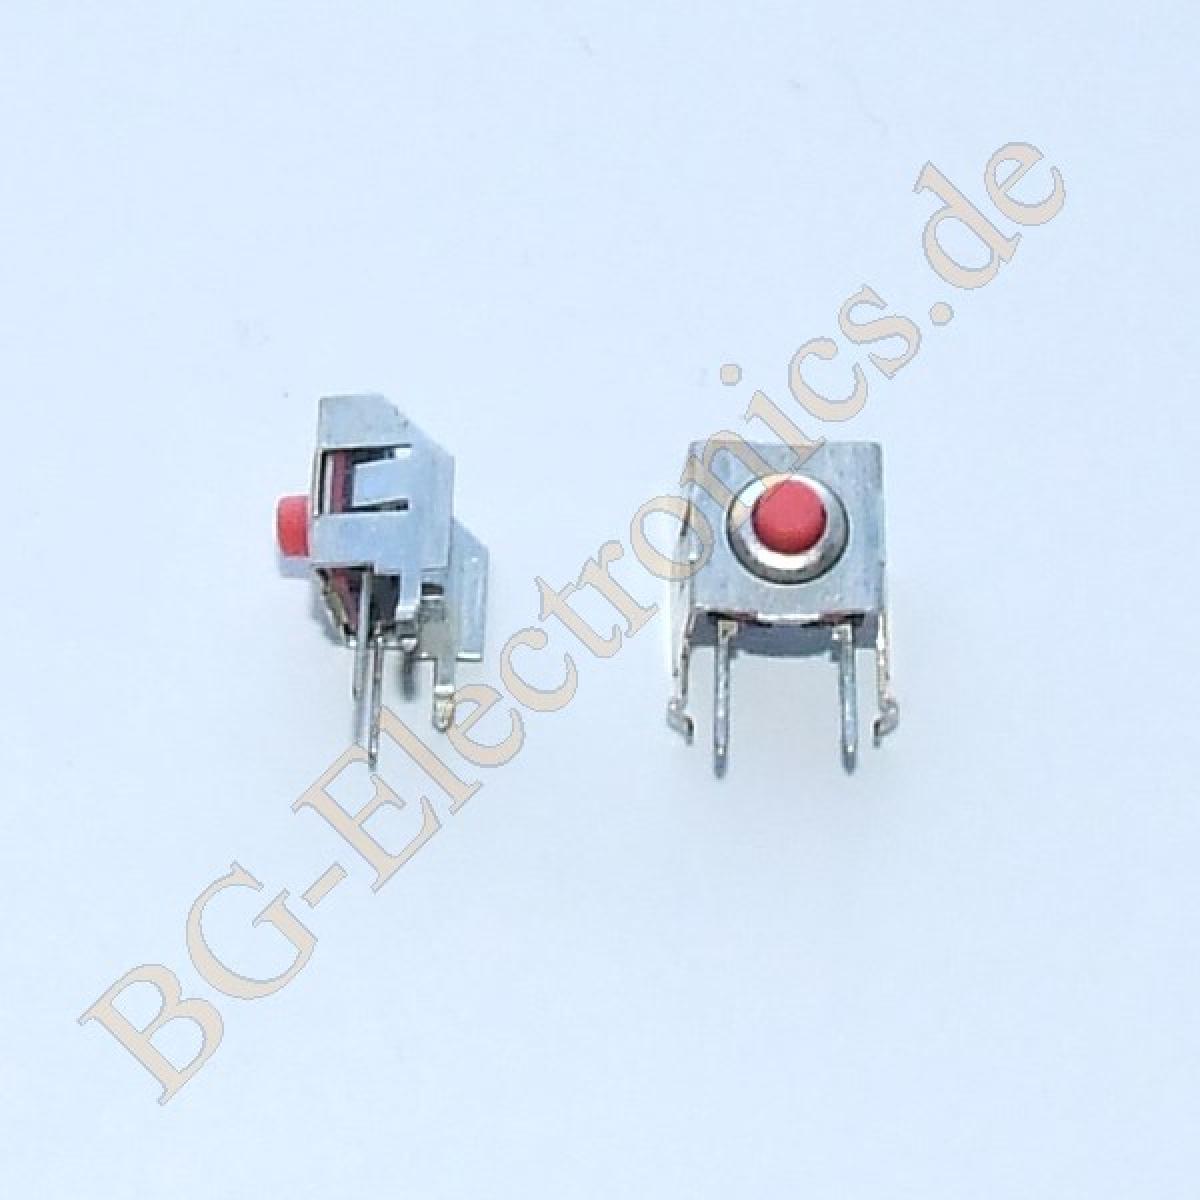 5-x-Micro-Taster-KSI0V411-LFT-TACTILE-SWITCH-N-O-SPST-SQUARE-50mA-50-ITT-5pcs